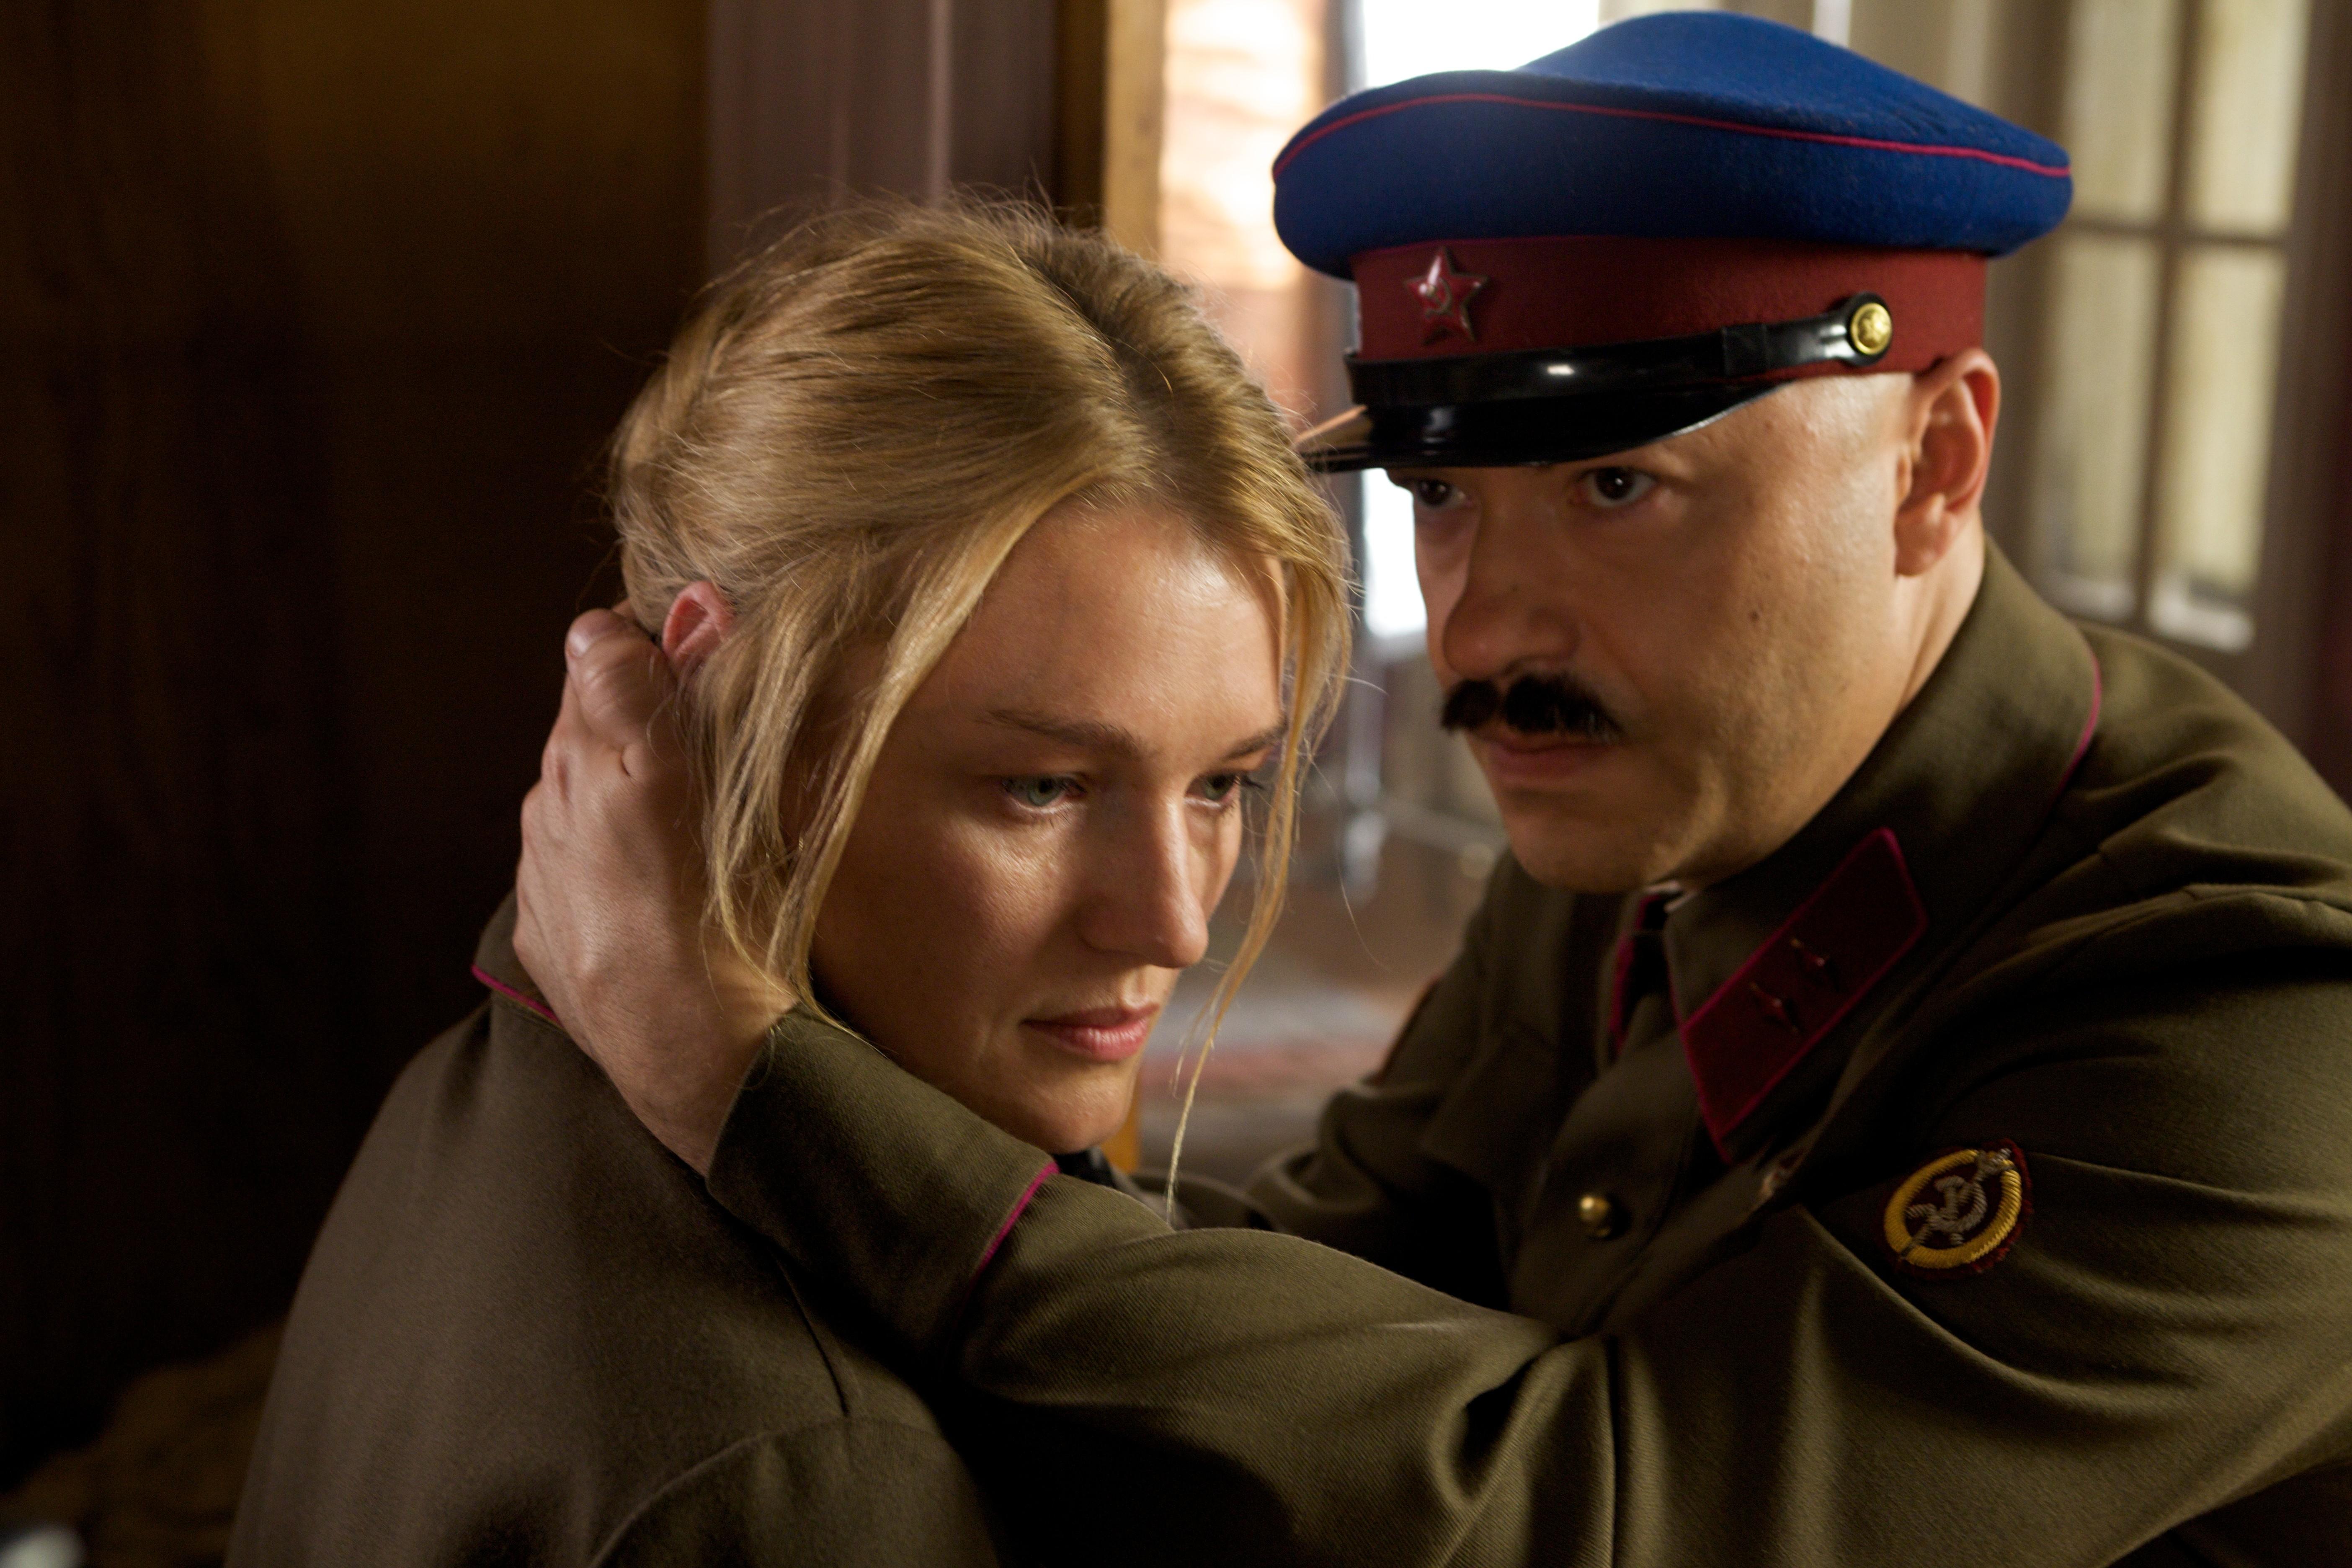 кадры из фильма Шпион Виктория Толстоганова, Федор Бондарчук,